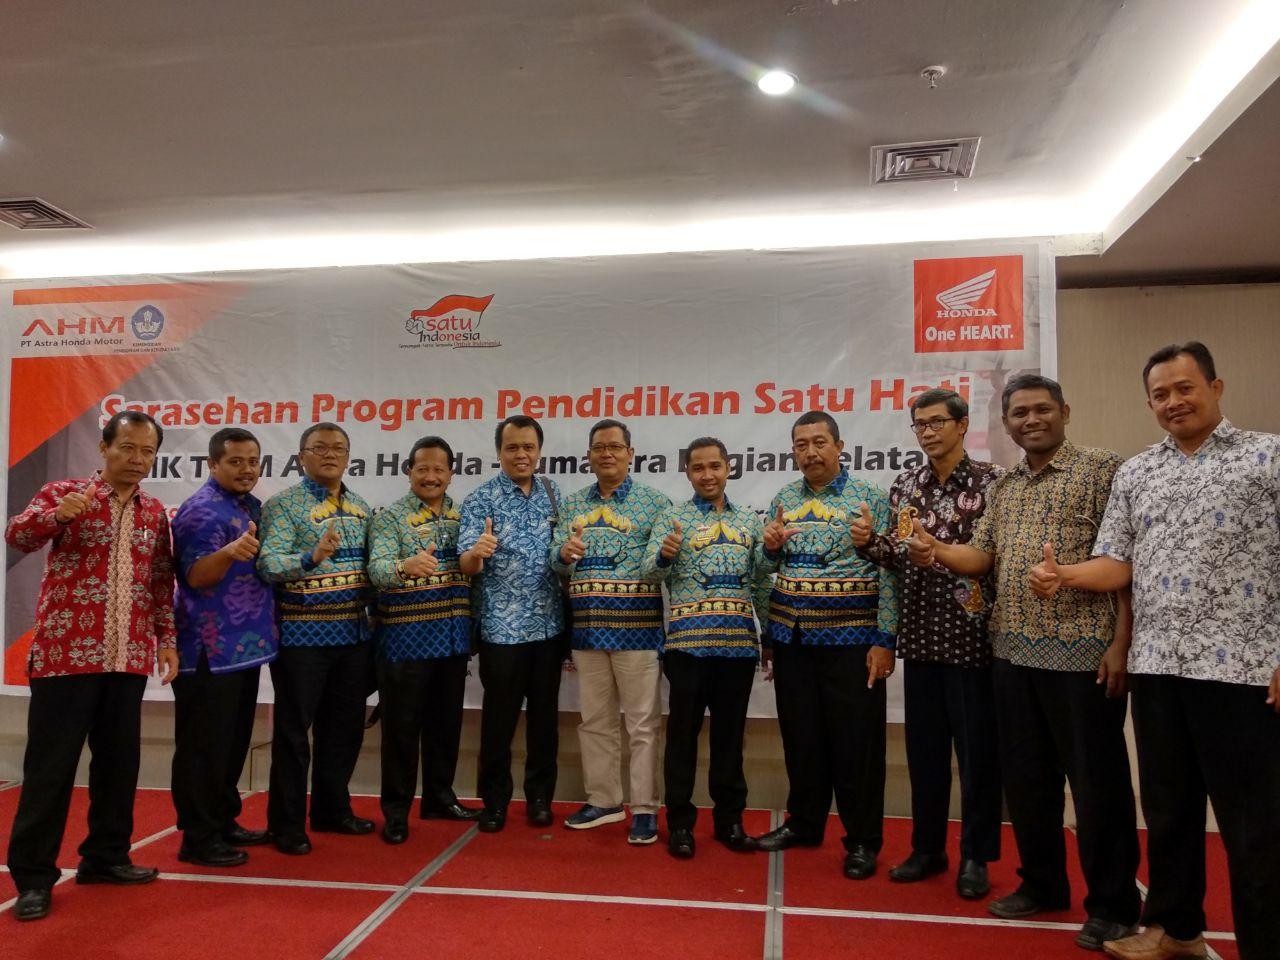 20 SMK Lampung Ikuti Pendidikan Satu Hati di Palembang